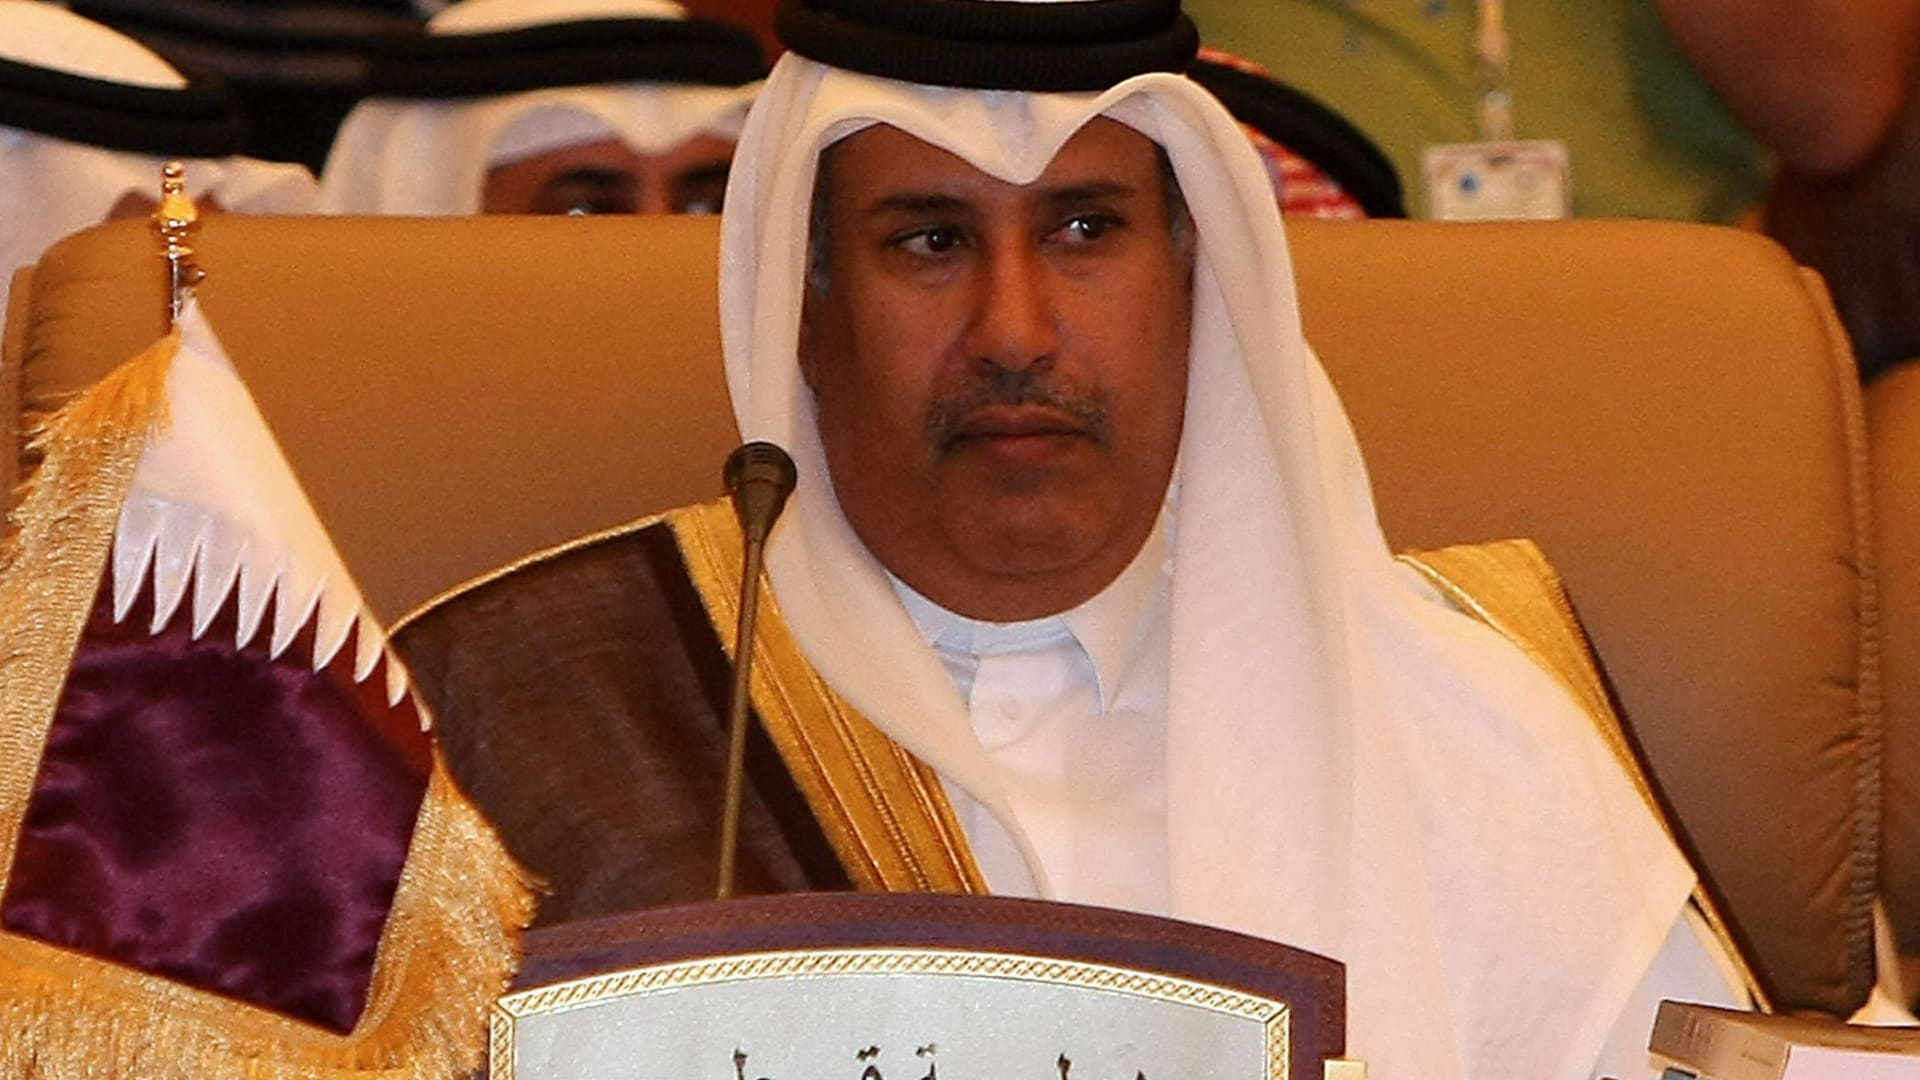 البحرين تحقق في مكالمة منسوبة لحمد بن جاسم مع قيادي بجمعية الوفاق